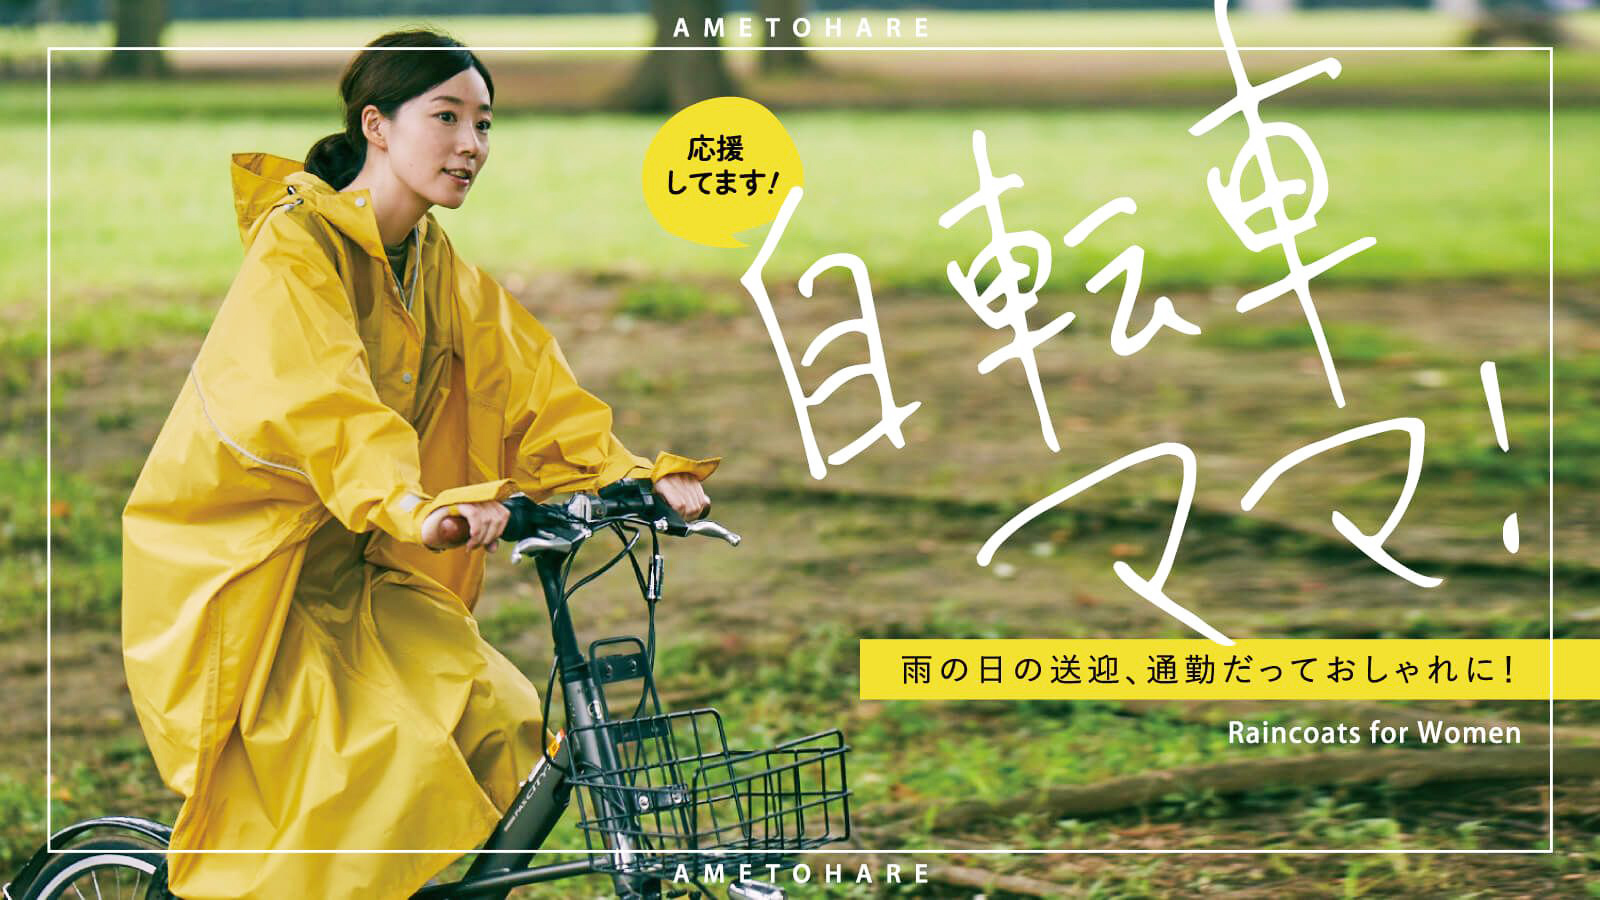 自転車ママにおすすめのレインコート